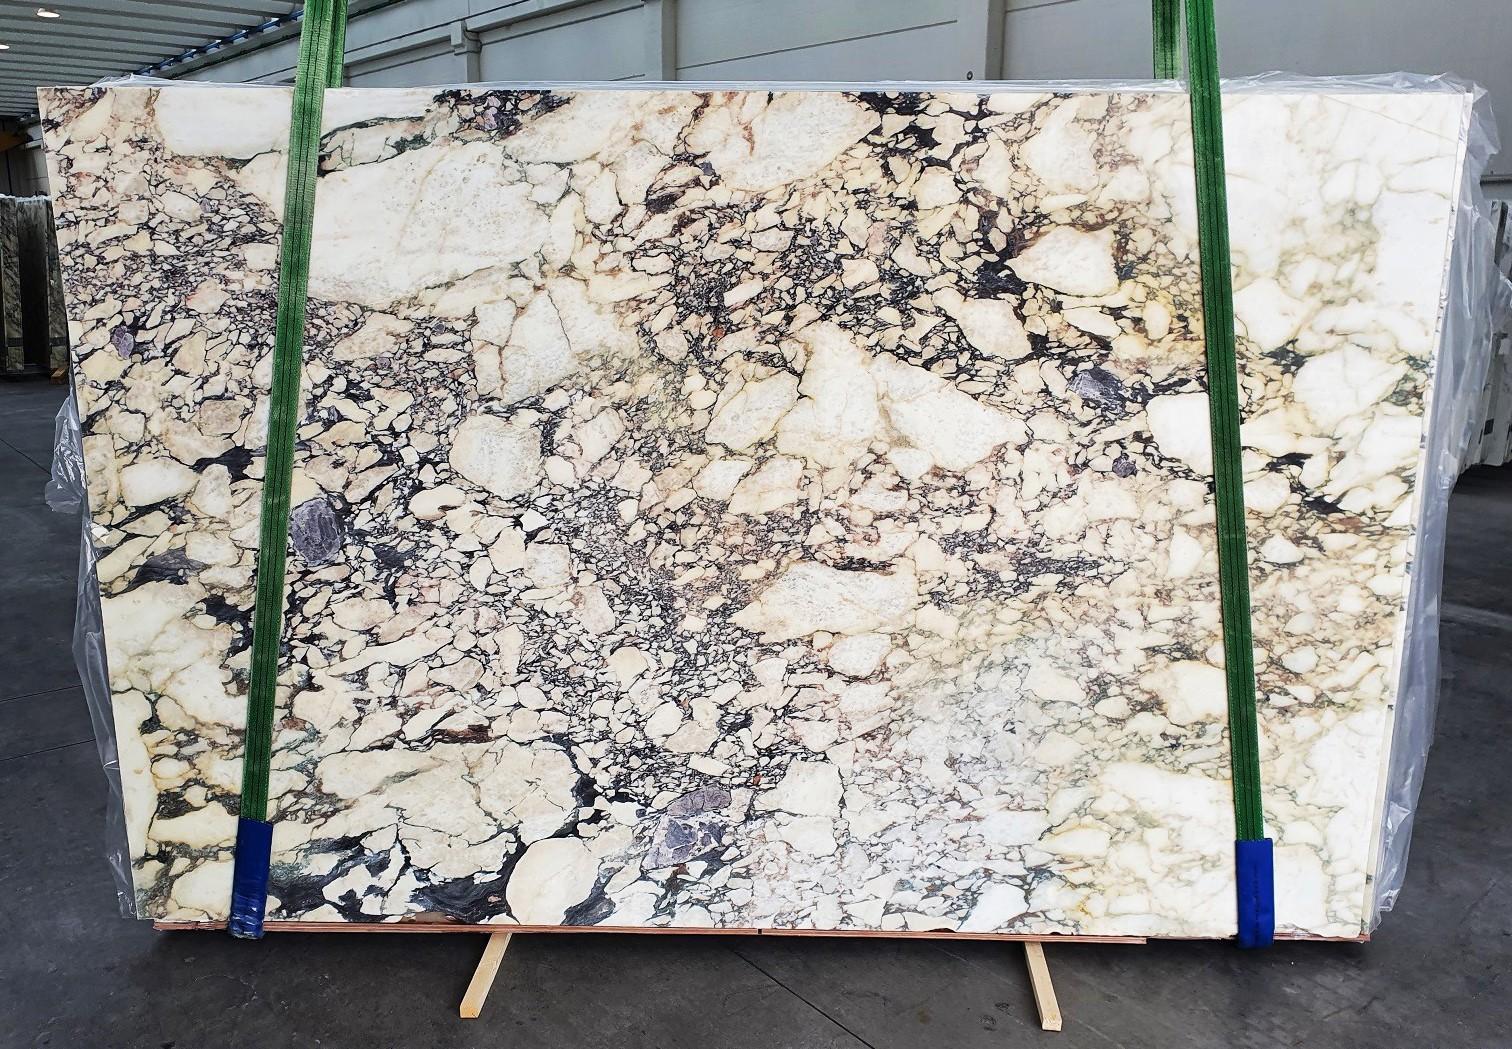 CALACATTA VIOLA Suministro Veneto (Italia) de planchas pulidas en mármol natural 1291 , Slab #51